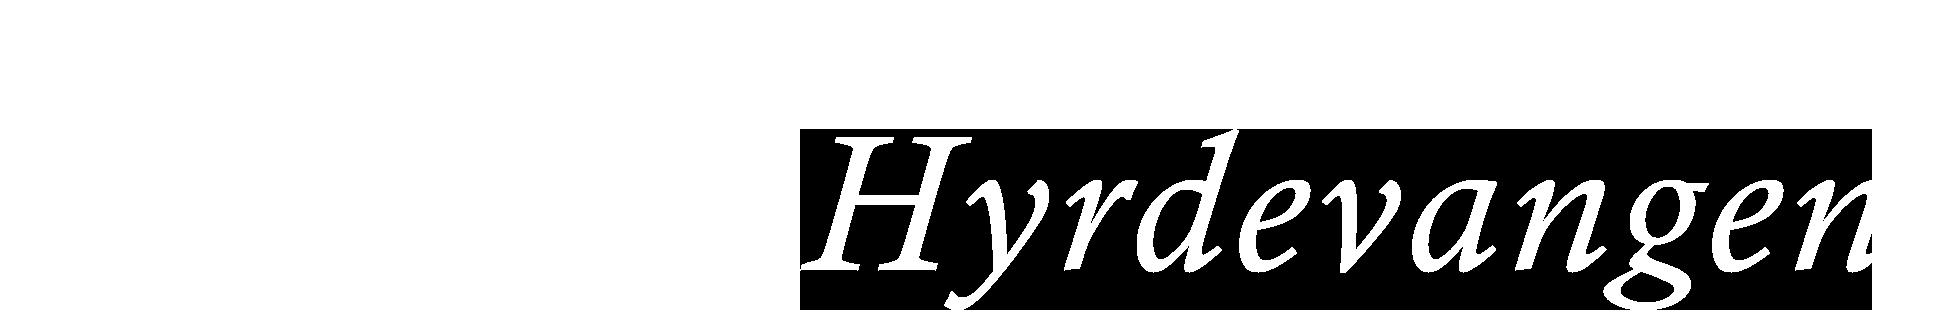 AB Hyrdevangen